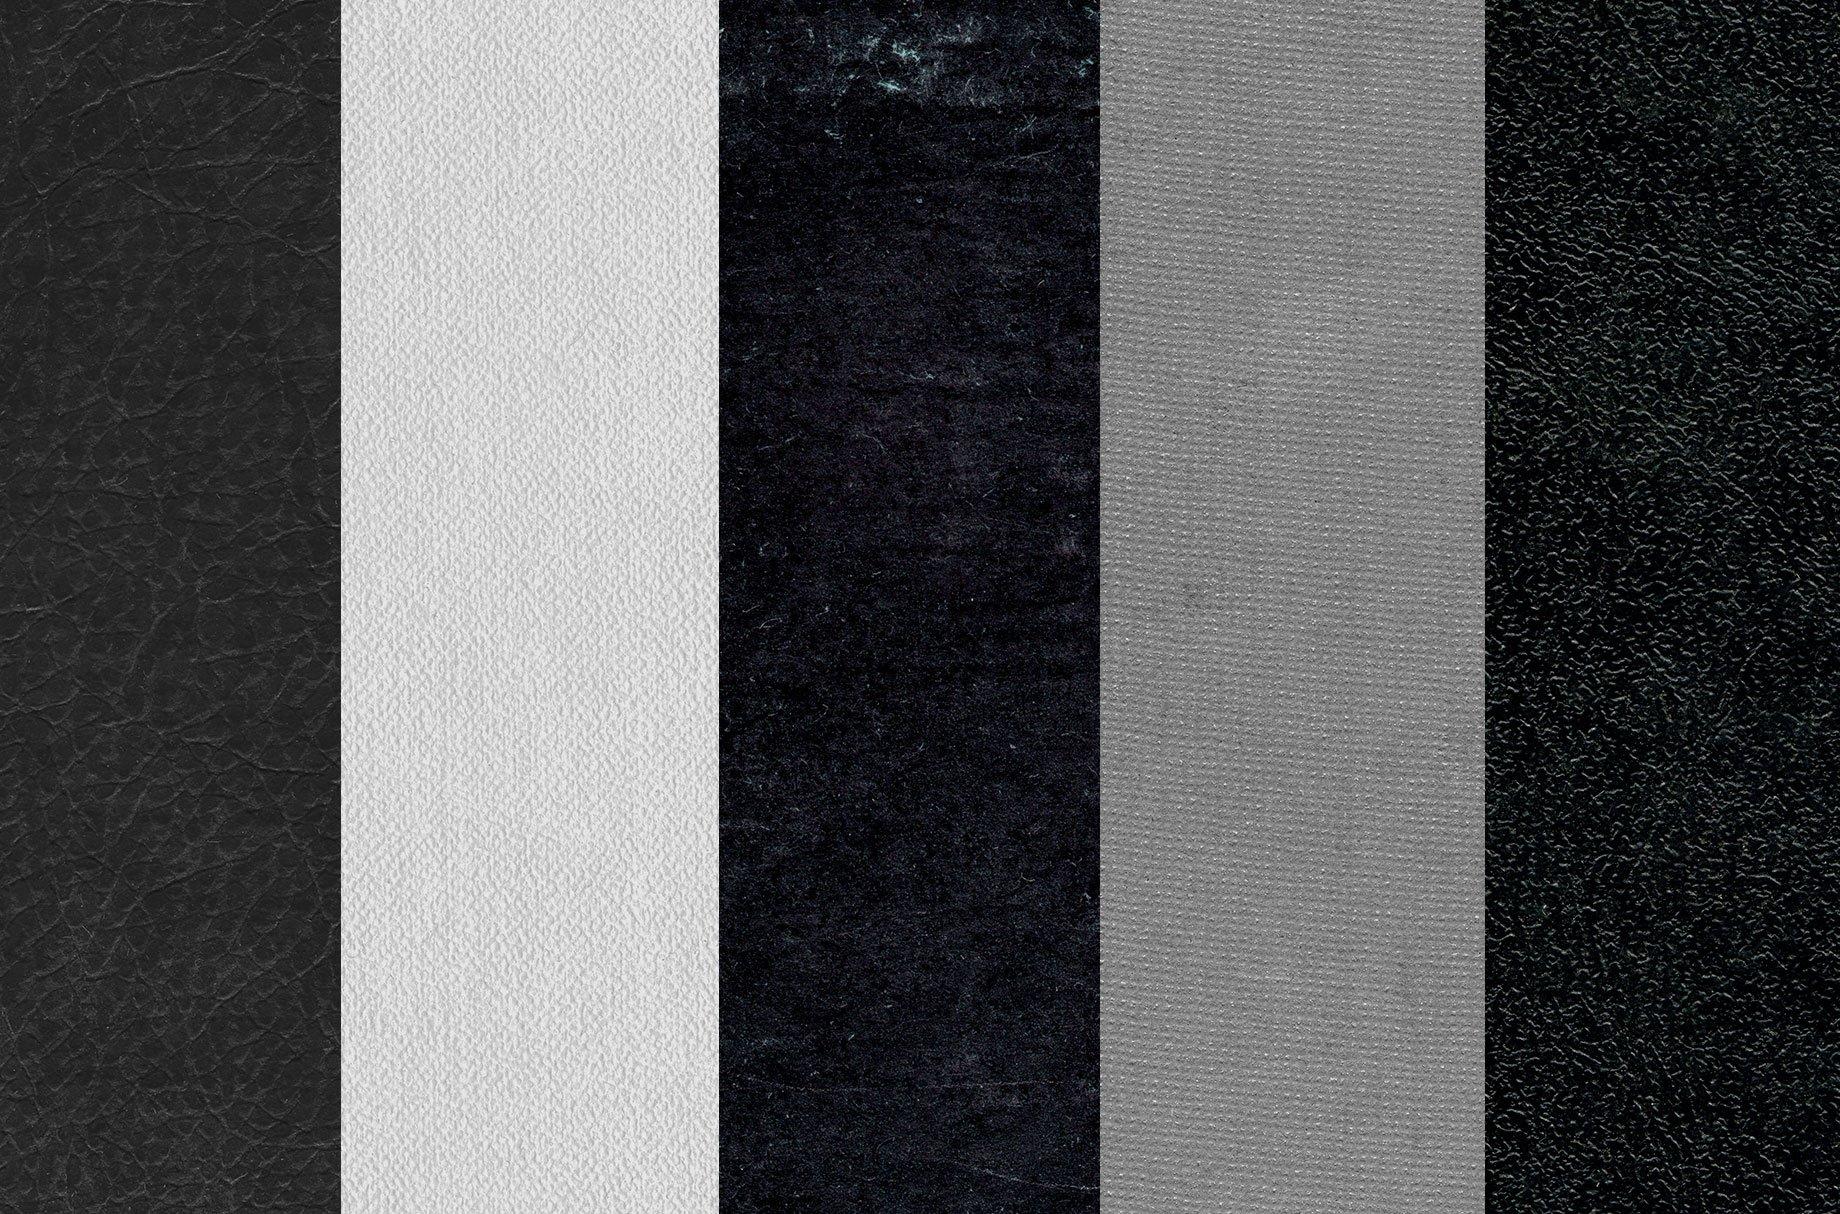 [单独购买] 130款高清复古做旧艺术纸纹理海报设计背景底纹图片设计素材 130 Retro Book Covers插图4